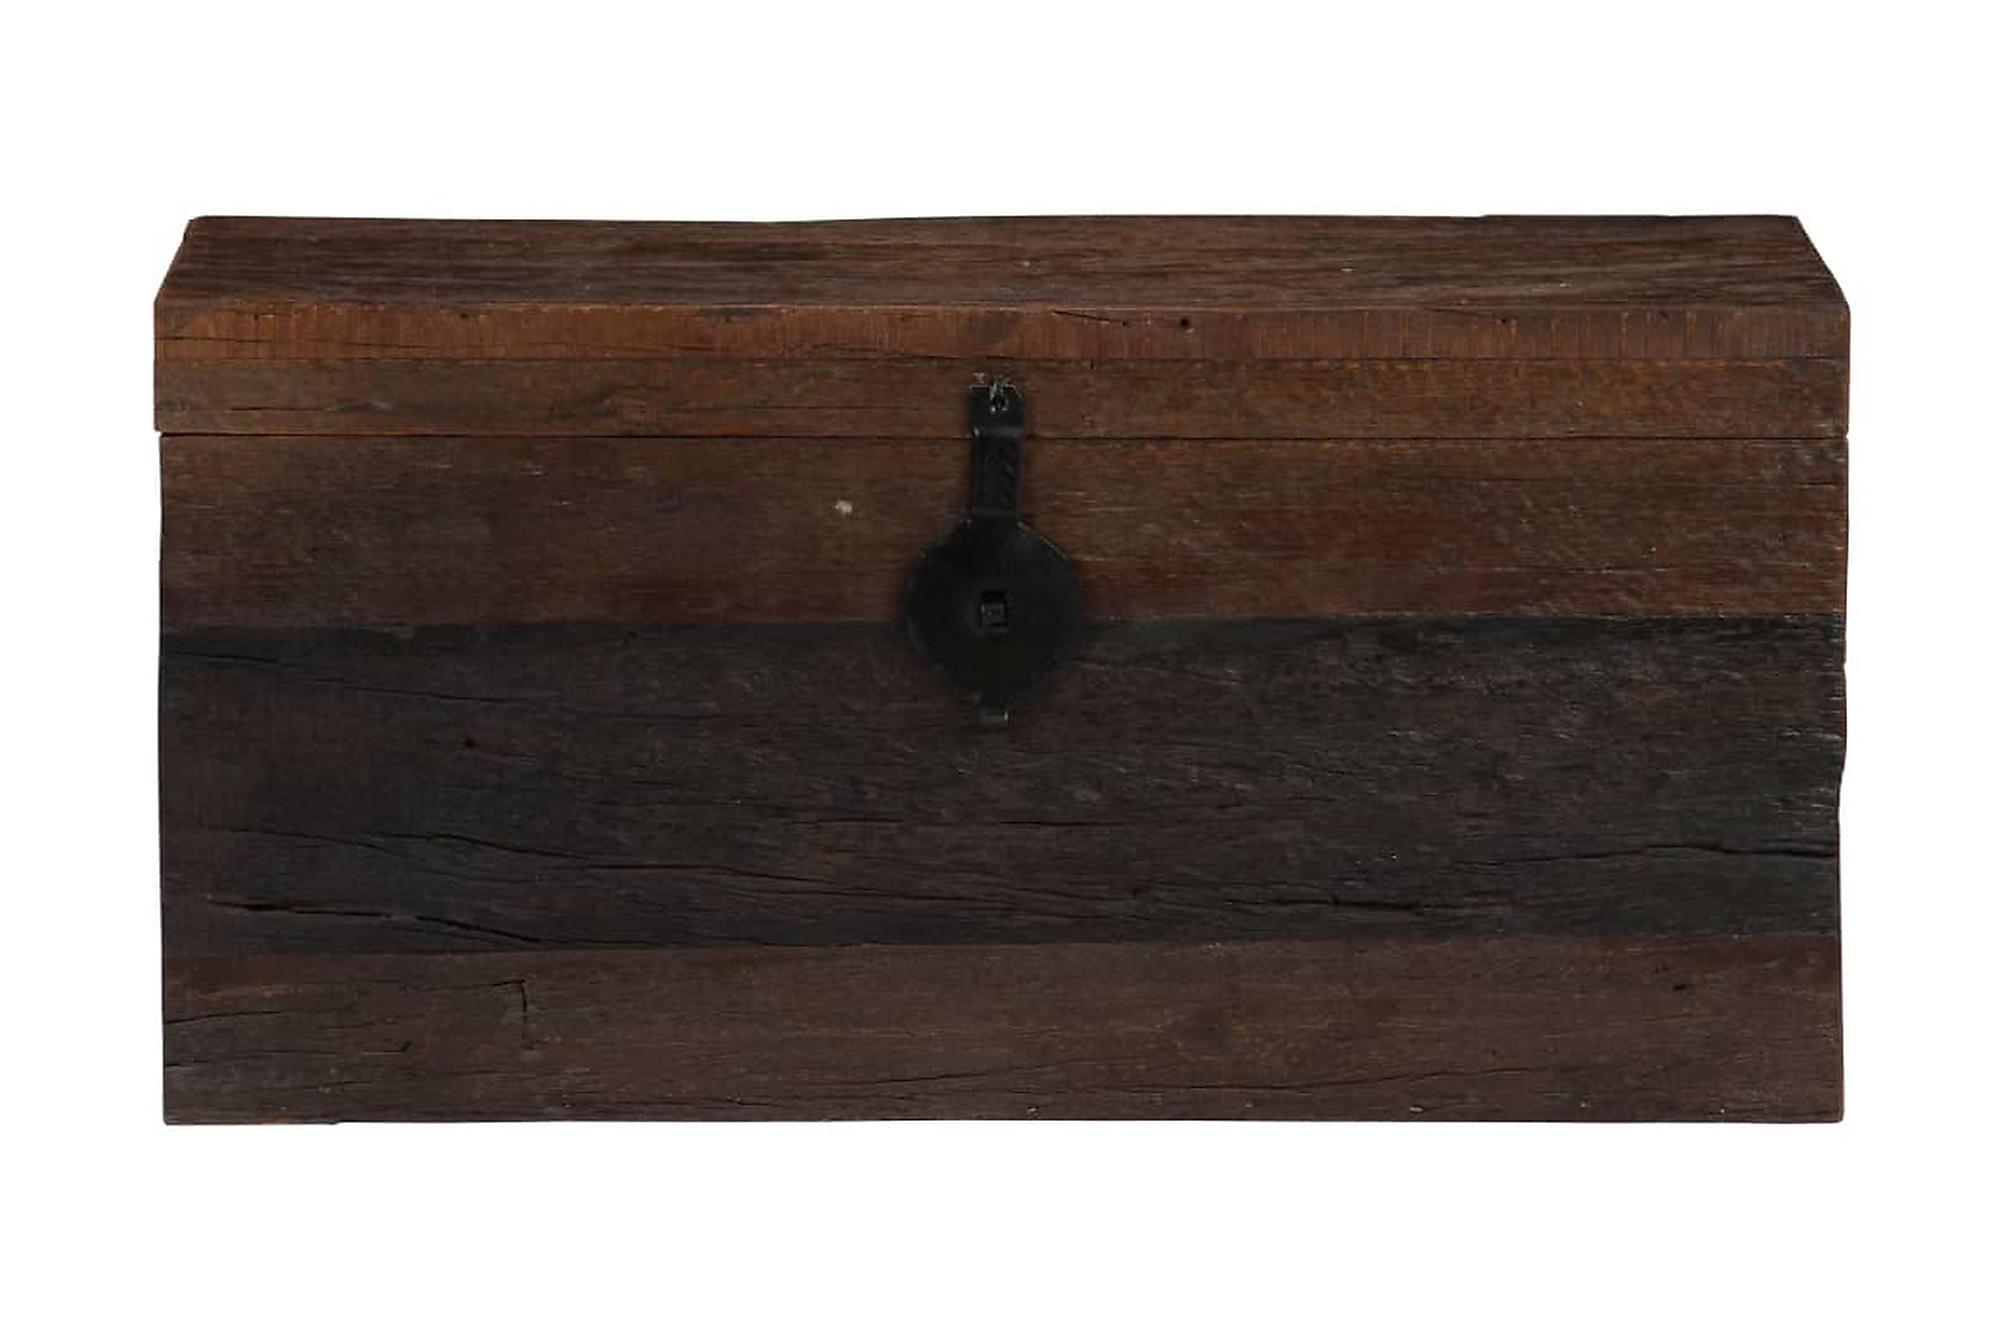 Förvaringslåda massivt återvunnet trä 80x40x40 cm, Förvaringskistor & sängkistor